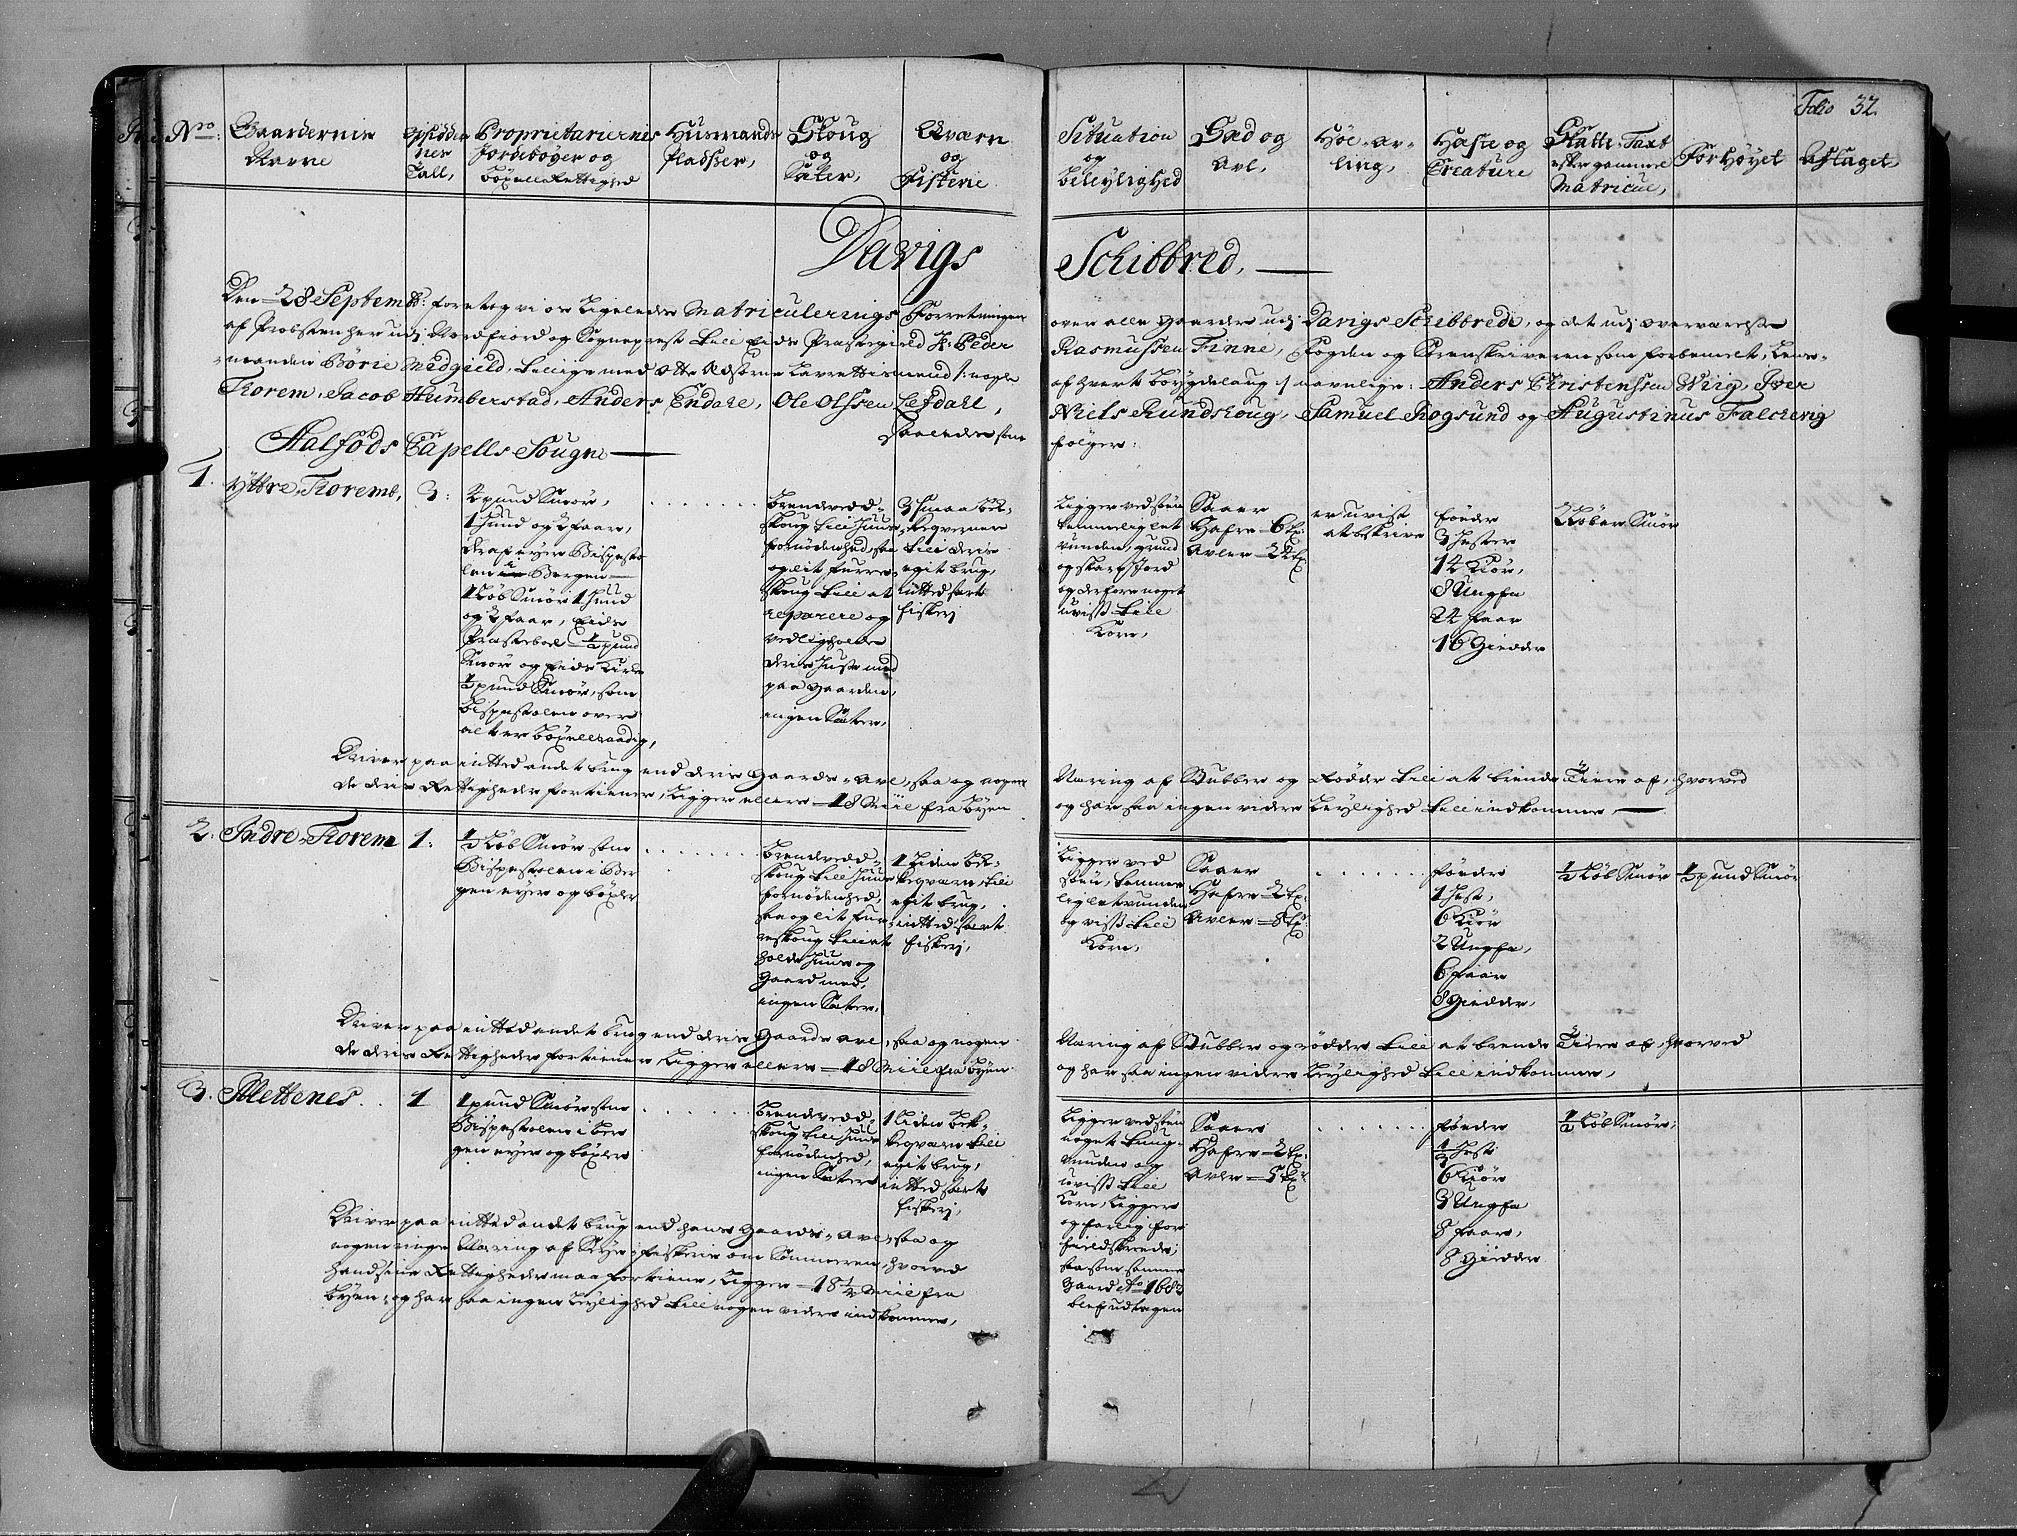 RA, Rentekammeret inntil 1814, Realistisk ordnet avdeling, N/Nb/Nbf/L0146: Sunnfjord og Nordfjord eksaminasjonsprotokoll, 1723, s. 31b-32a